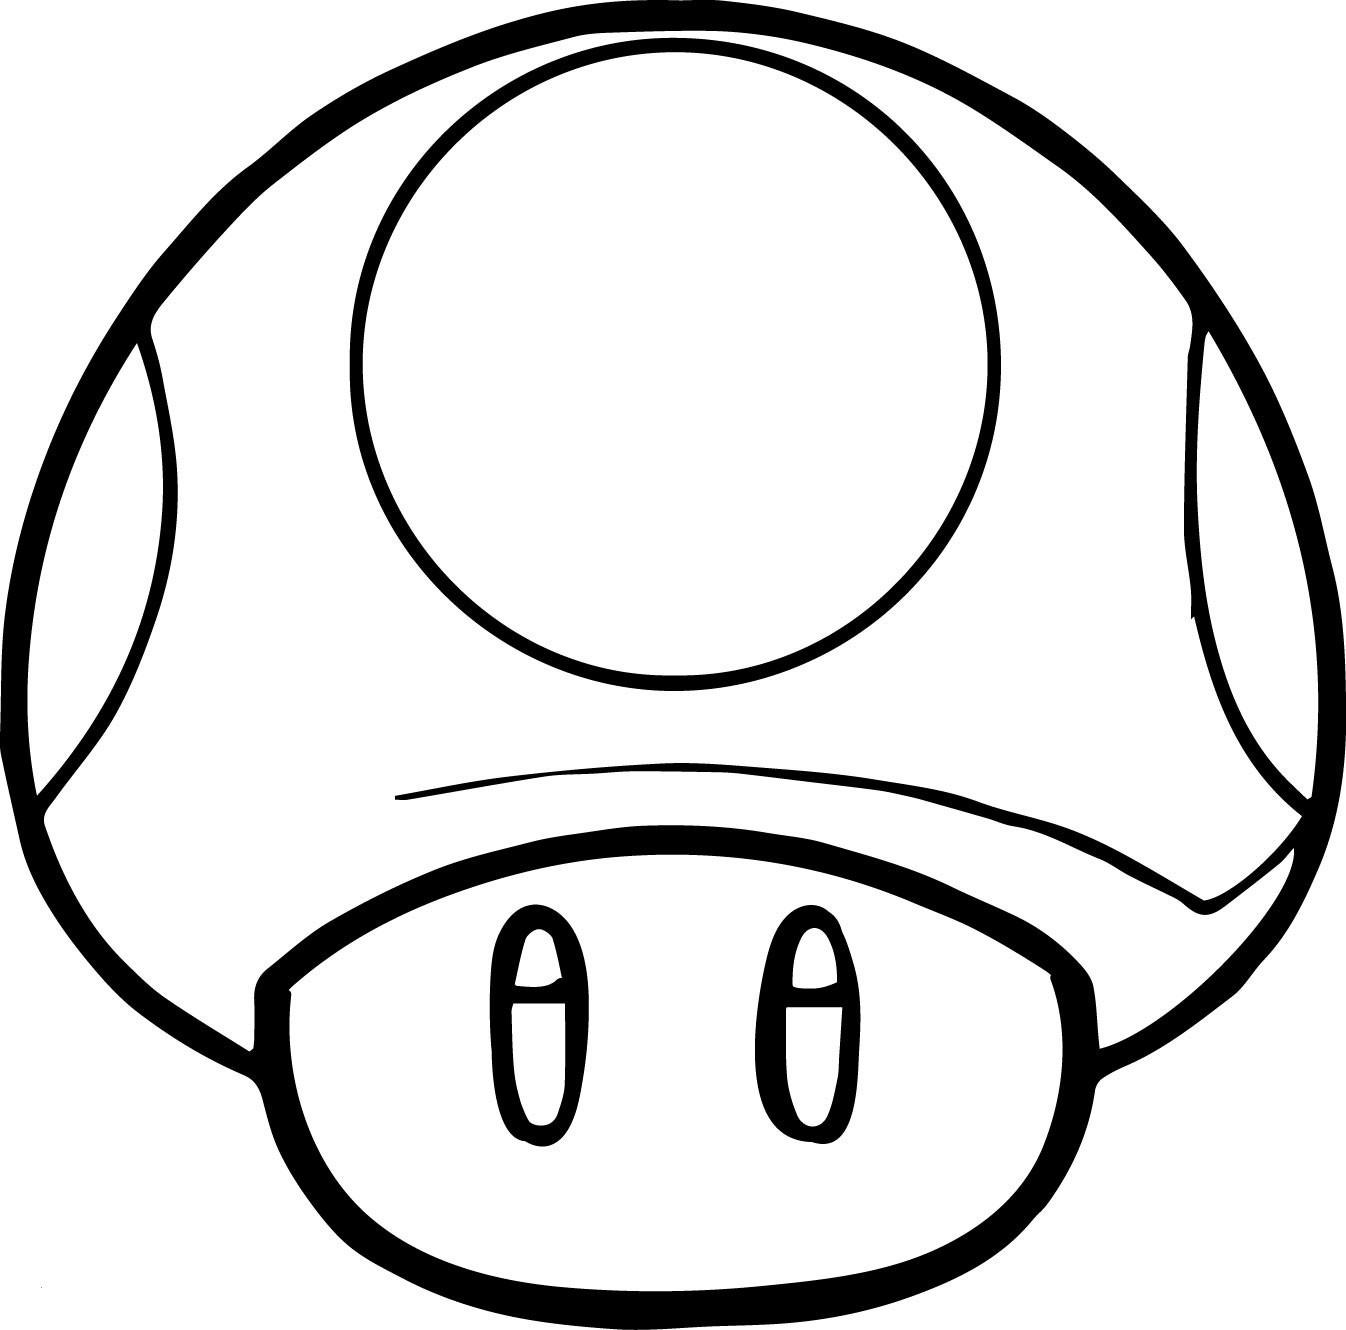 Mario Kart Ausmalbild Das Beste Von 50 Neu Mario Kart Ausmalbilder Zum Ausdrucken Beste Malvorlage Galerie